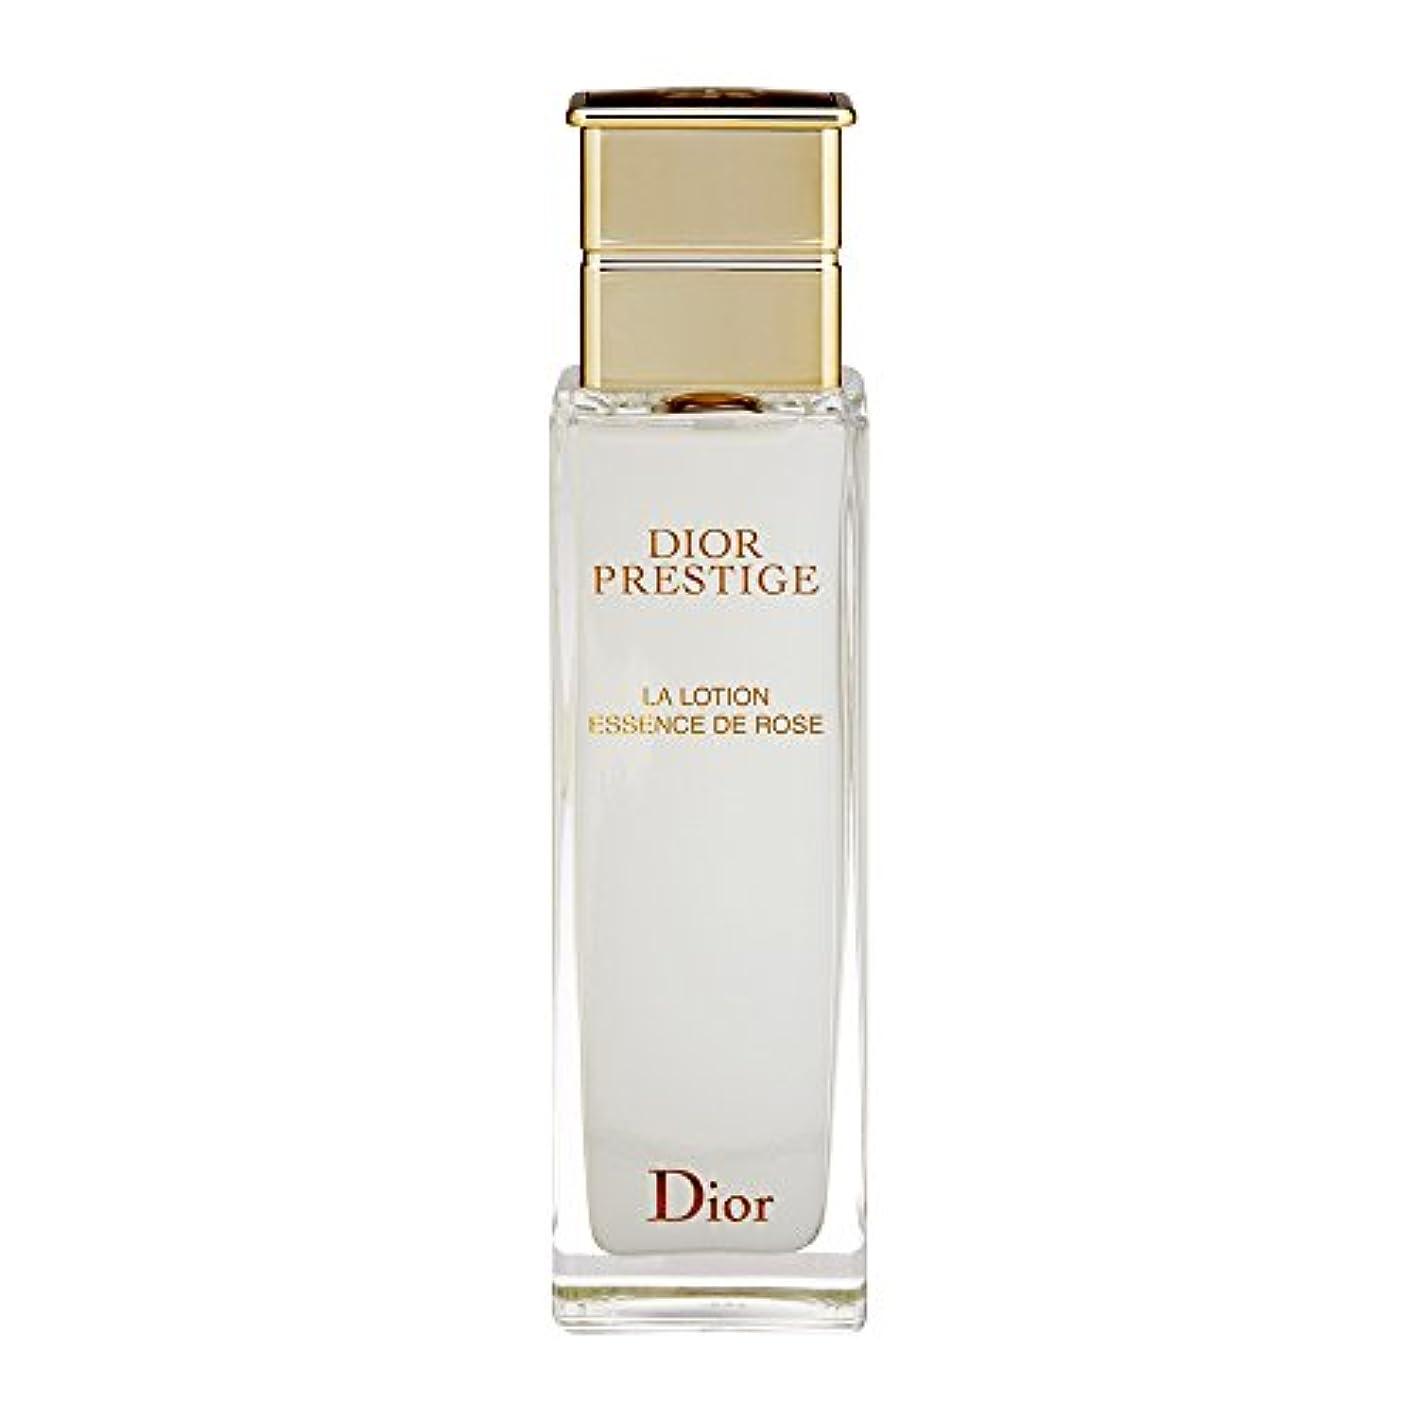 再撮り味付け標準ディオール(Dior) プレステージ ラ ローション 150ml[並行輸入品]